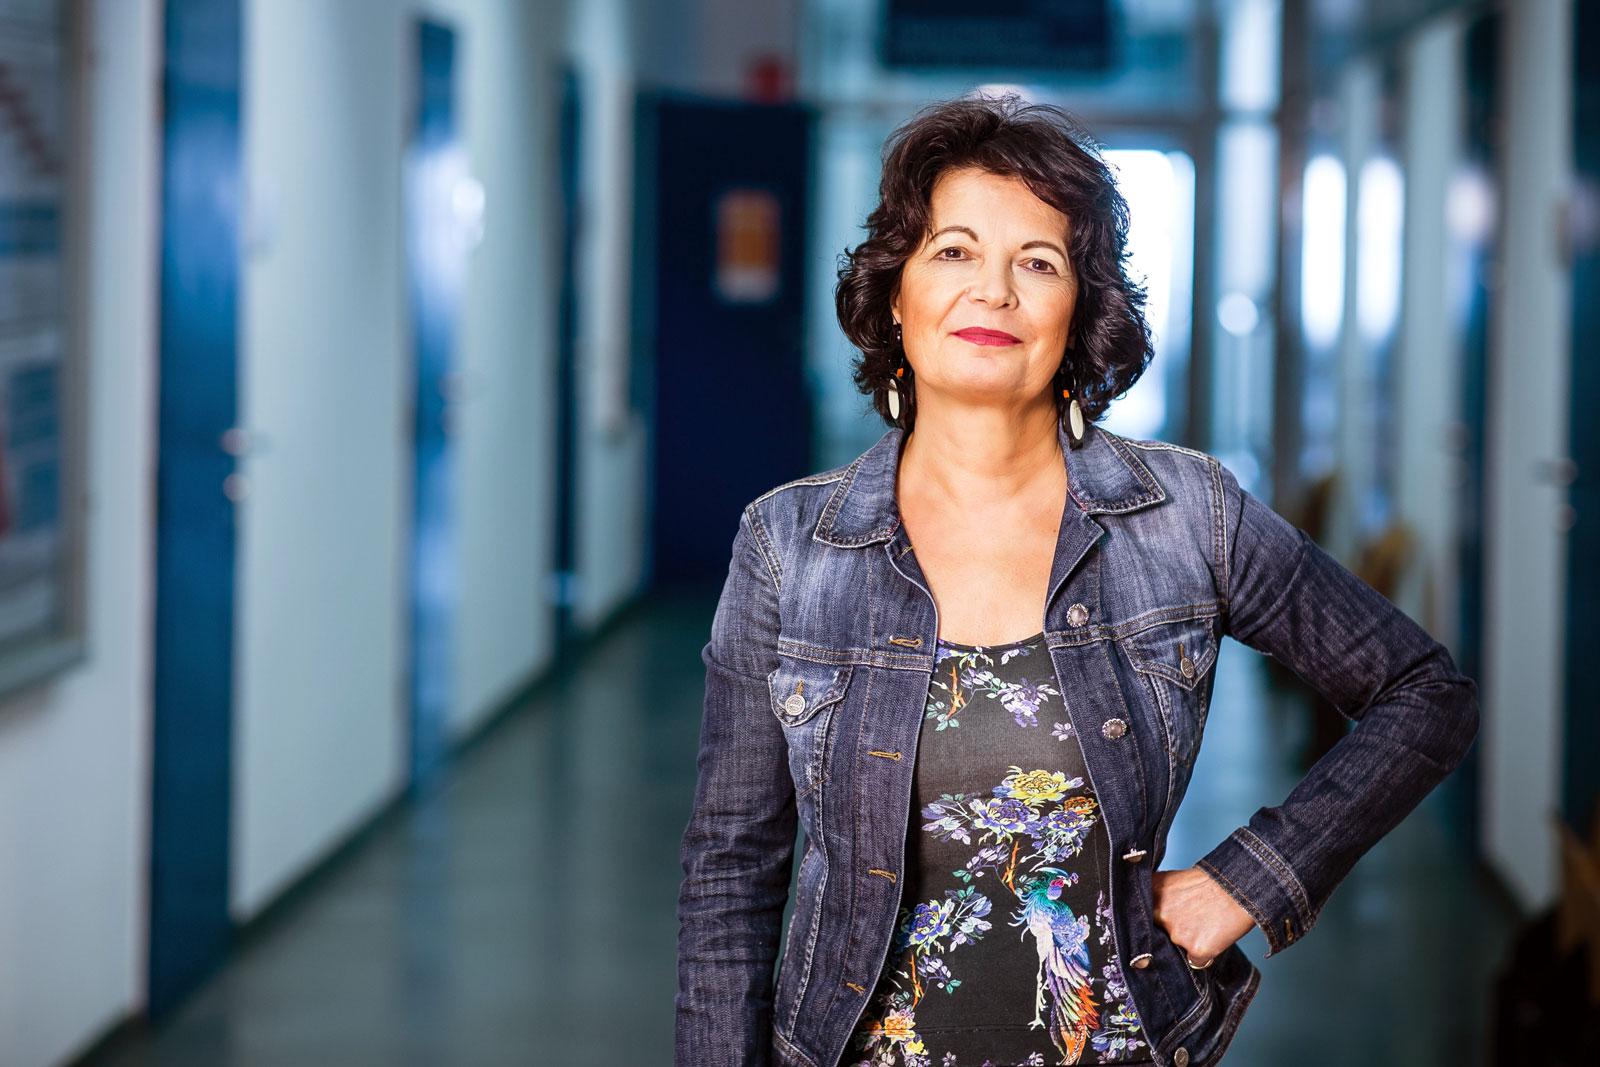 Christiane Spiel ist Professorin für Bildungspsychologie und Evaluation an der Universität Wien.